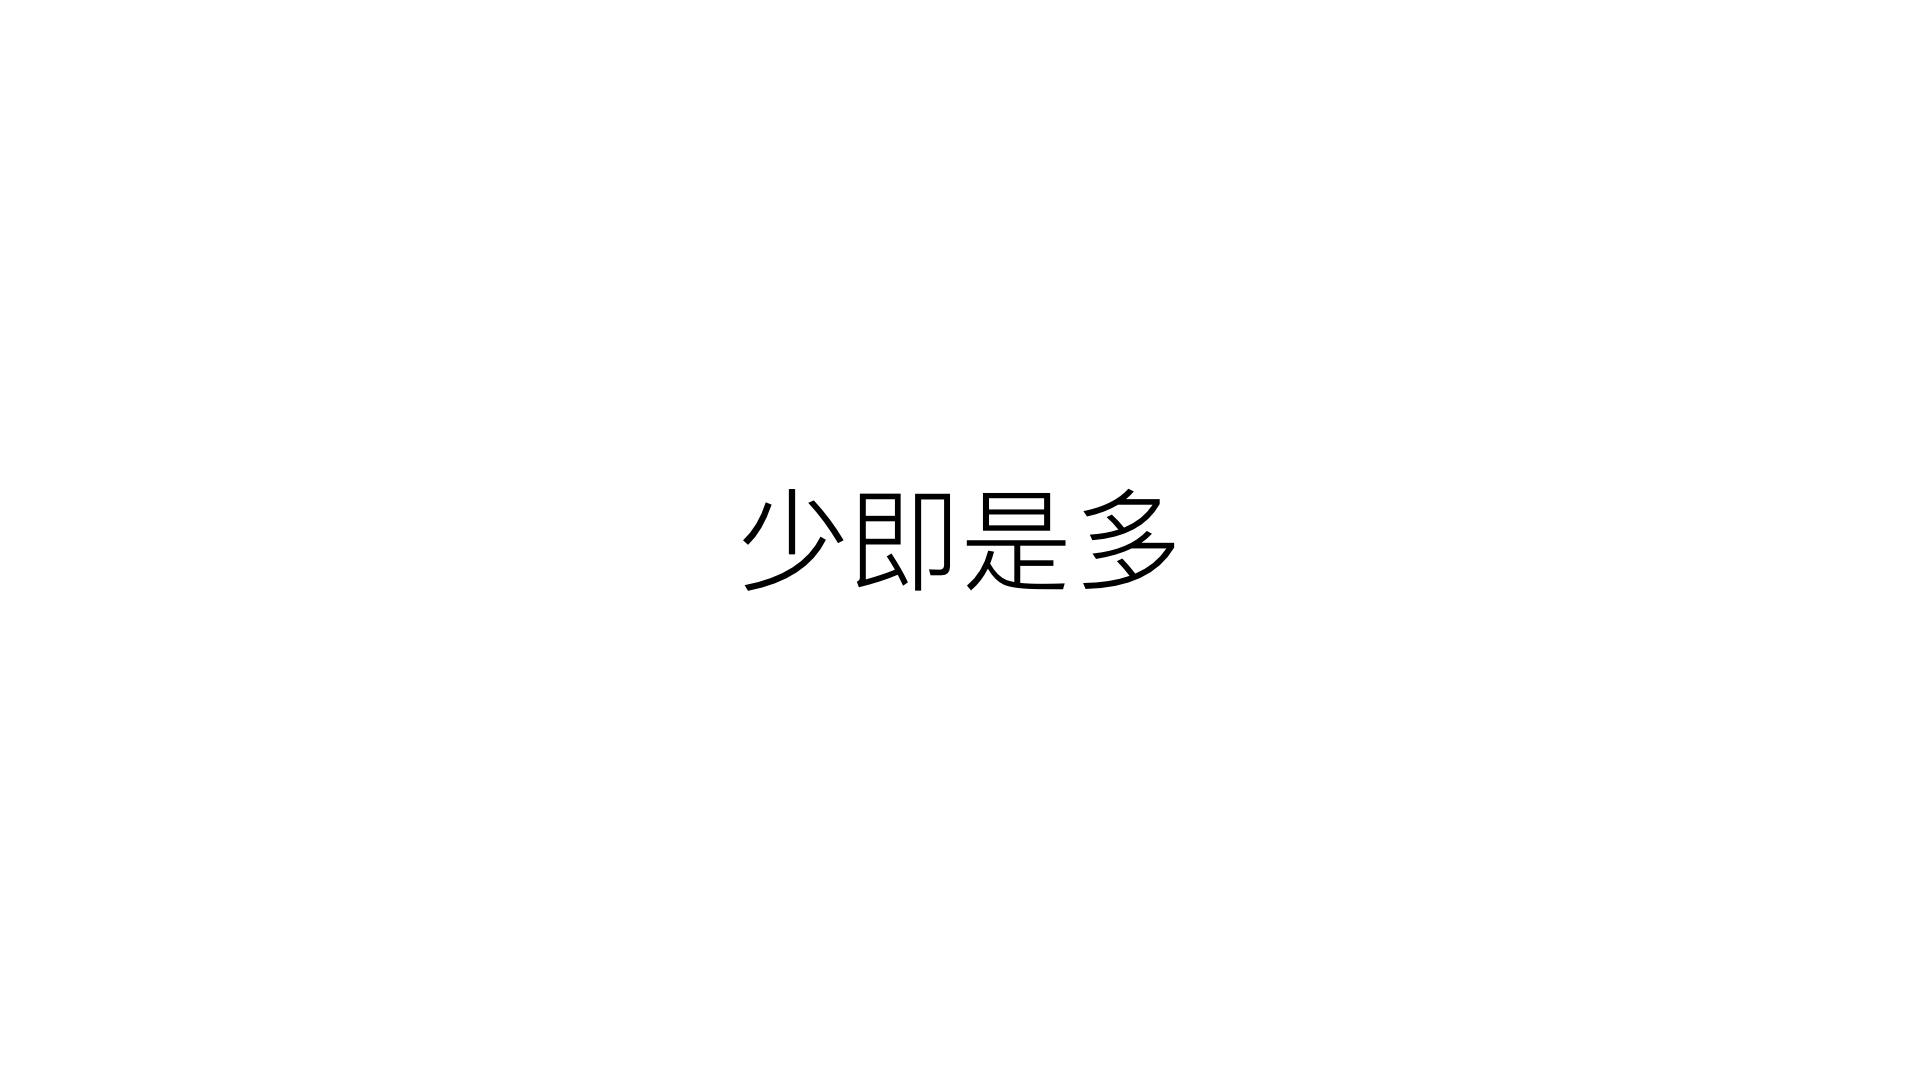 字.075